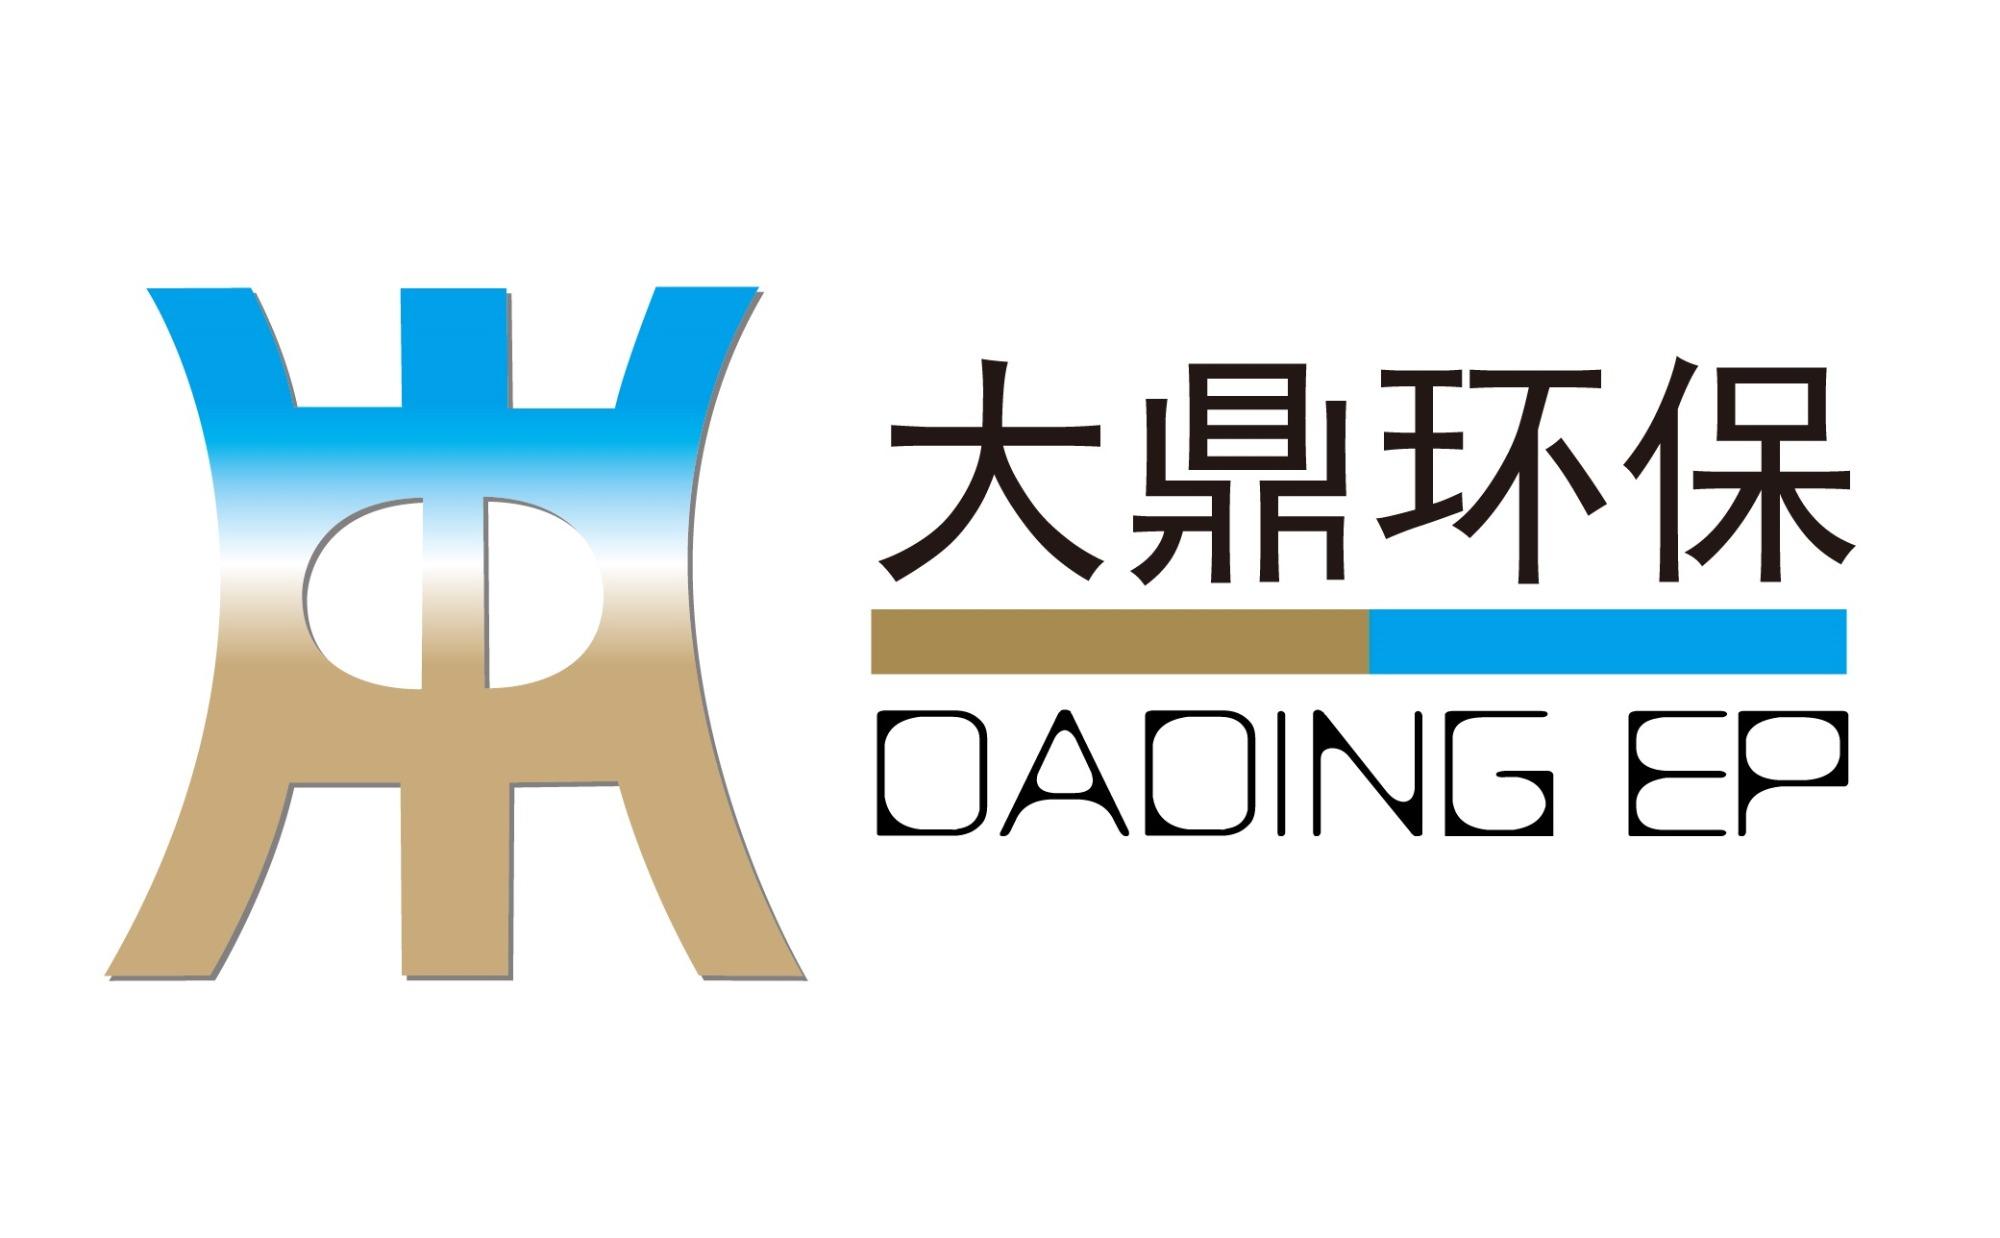 廣東大鼎環保股份有限公司